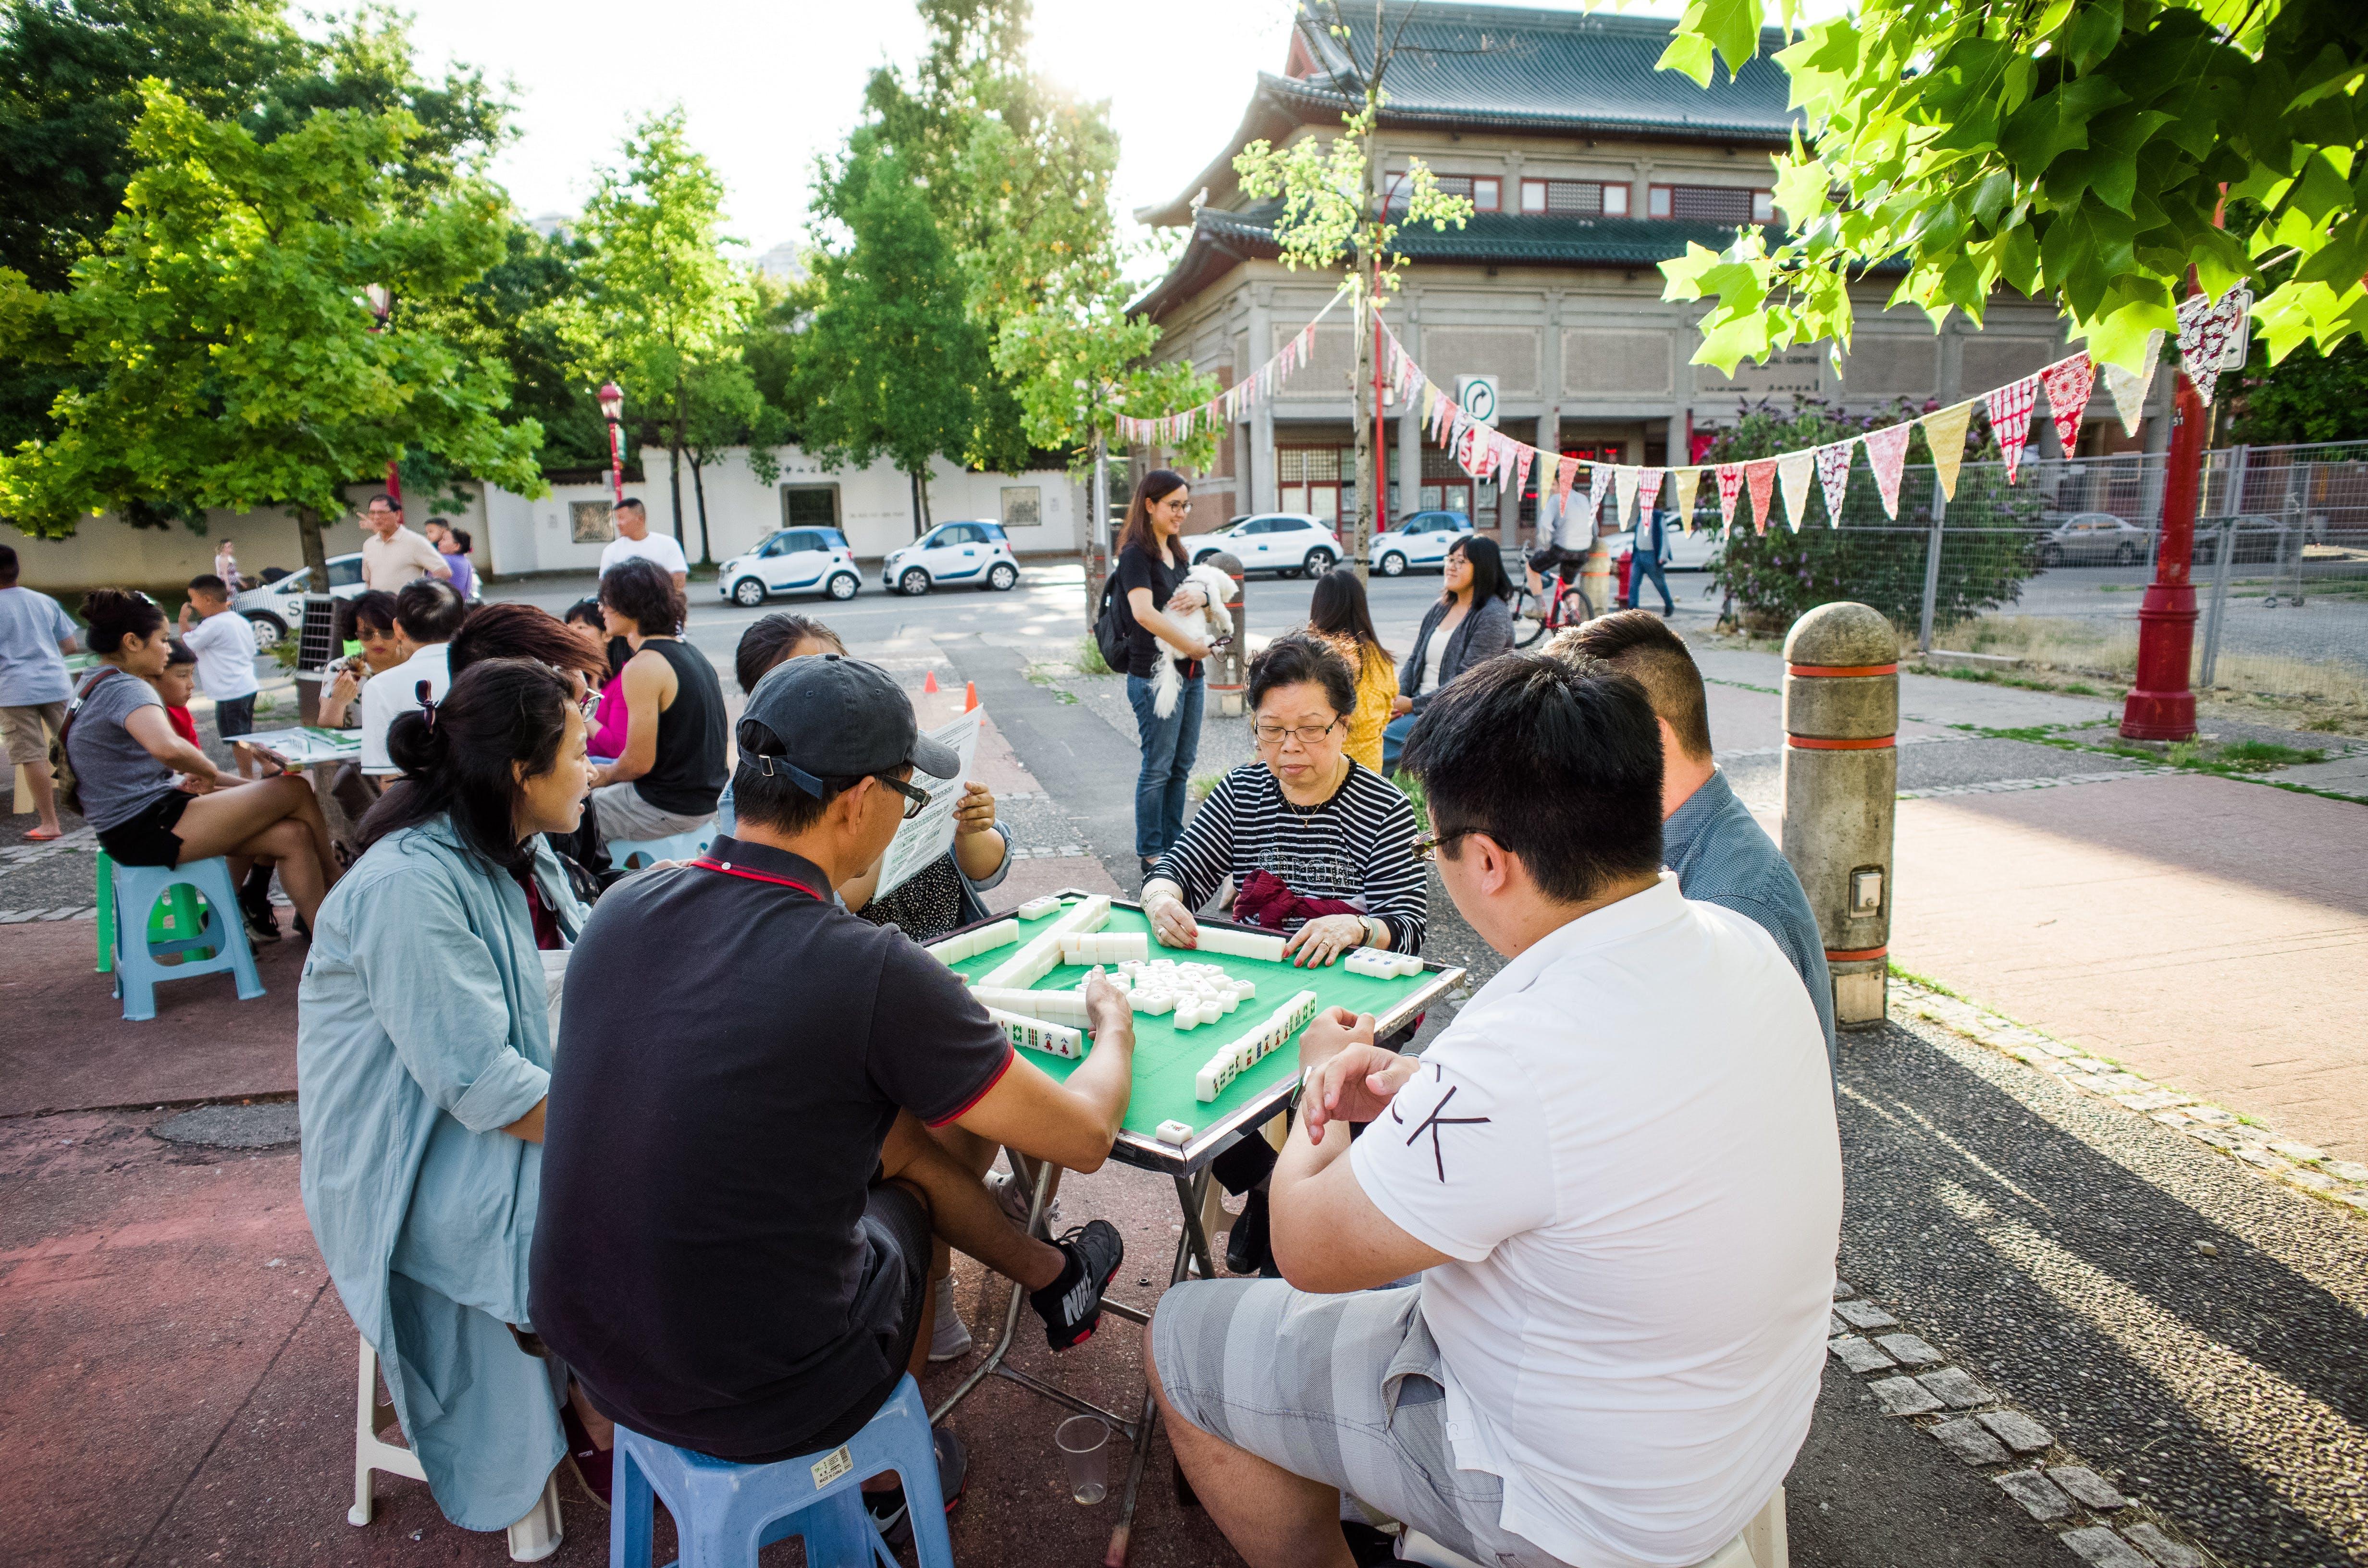 Several groups of youth and seniors playing mah jong at Memorial Square